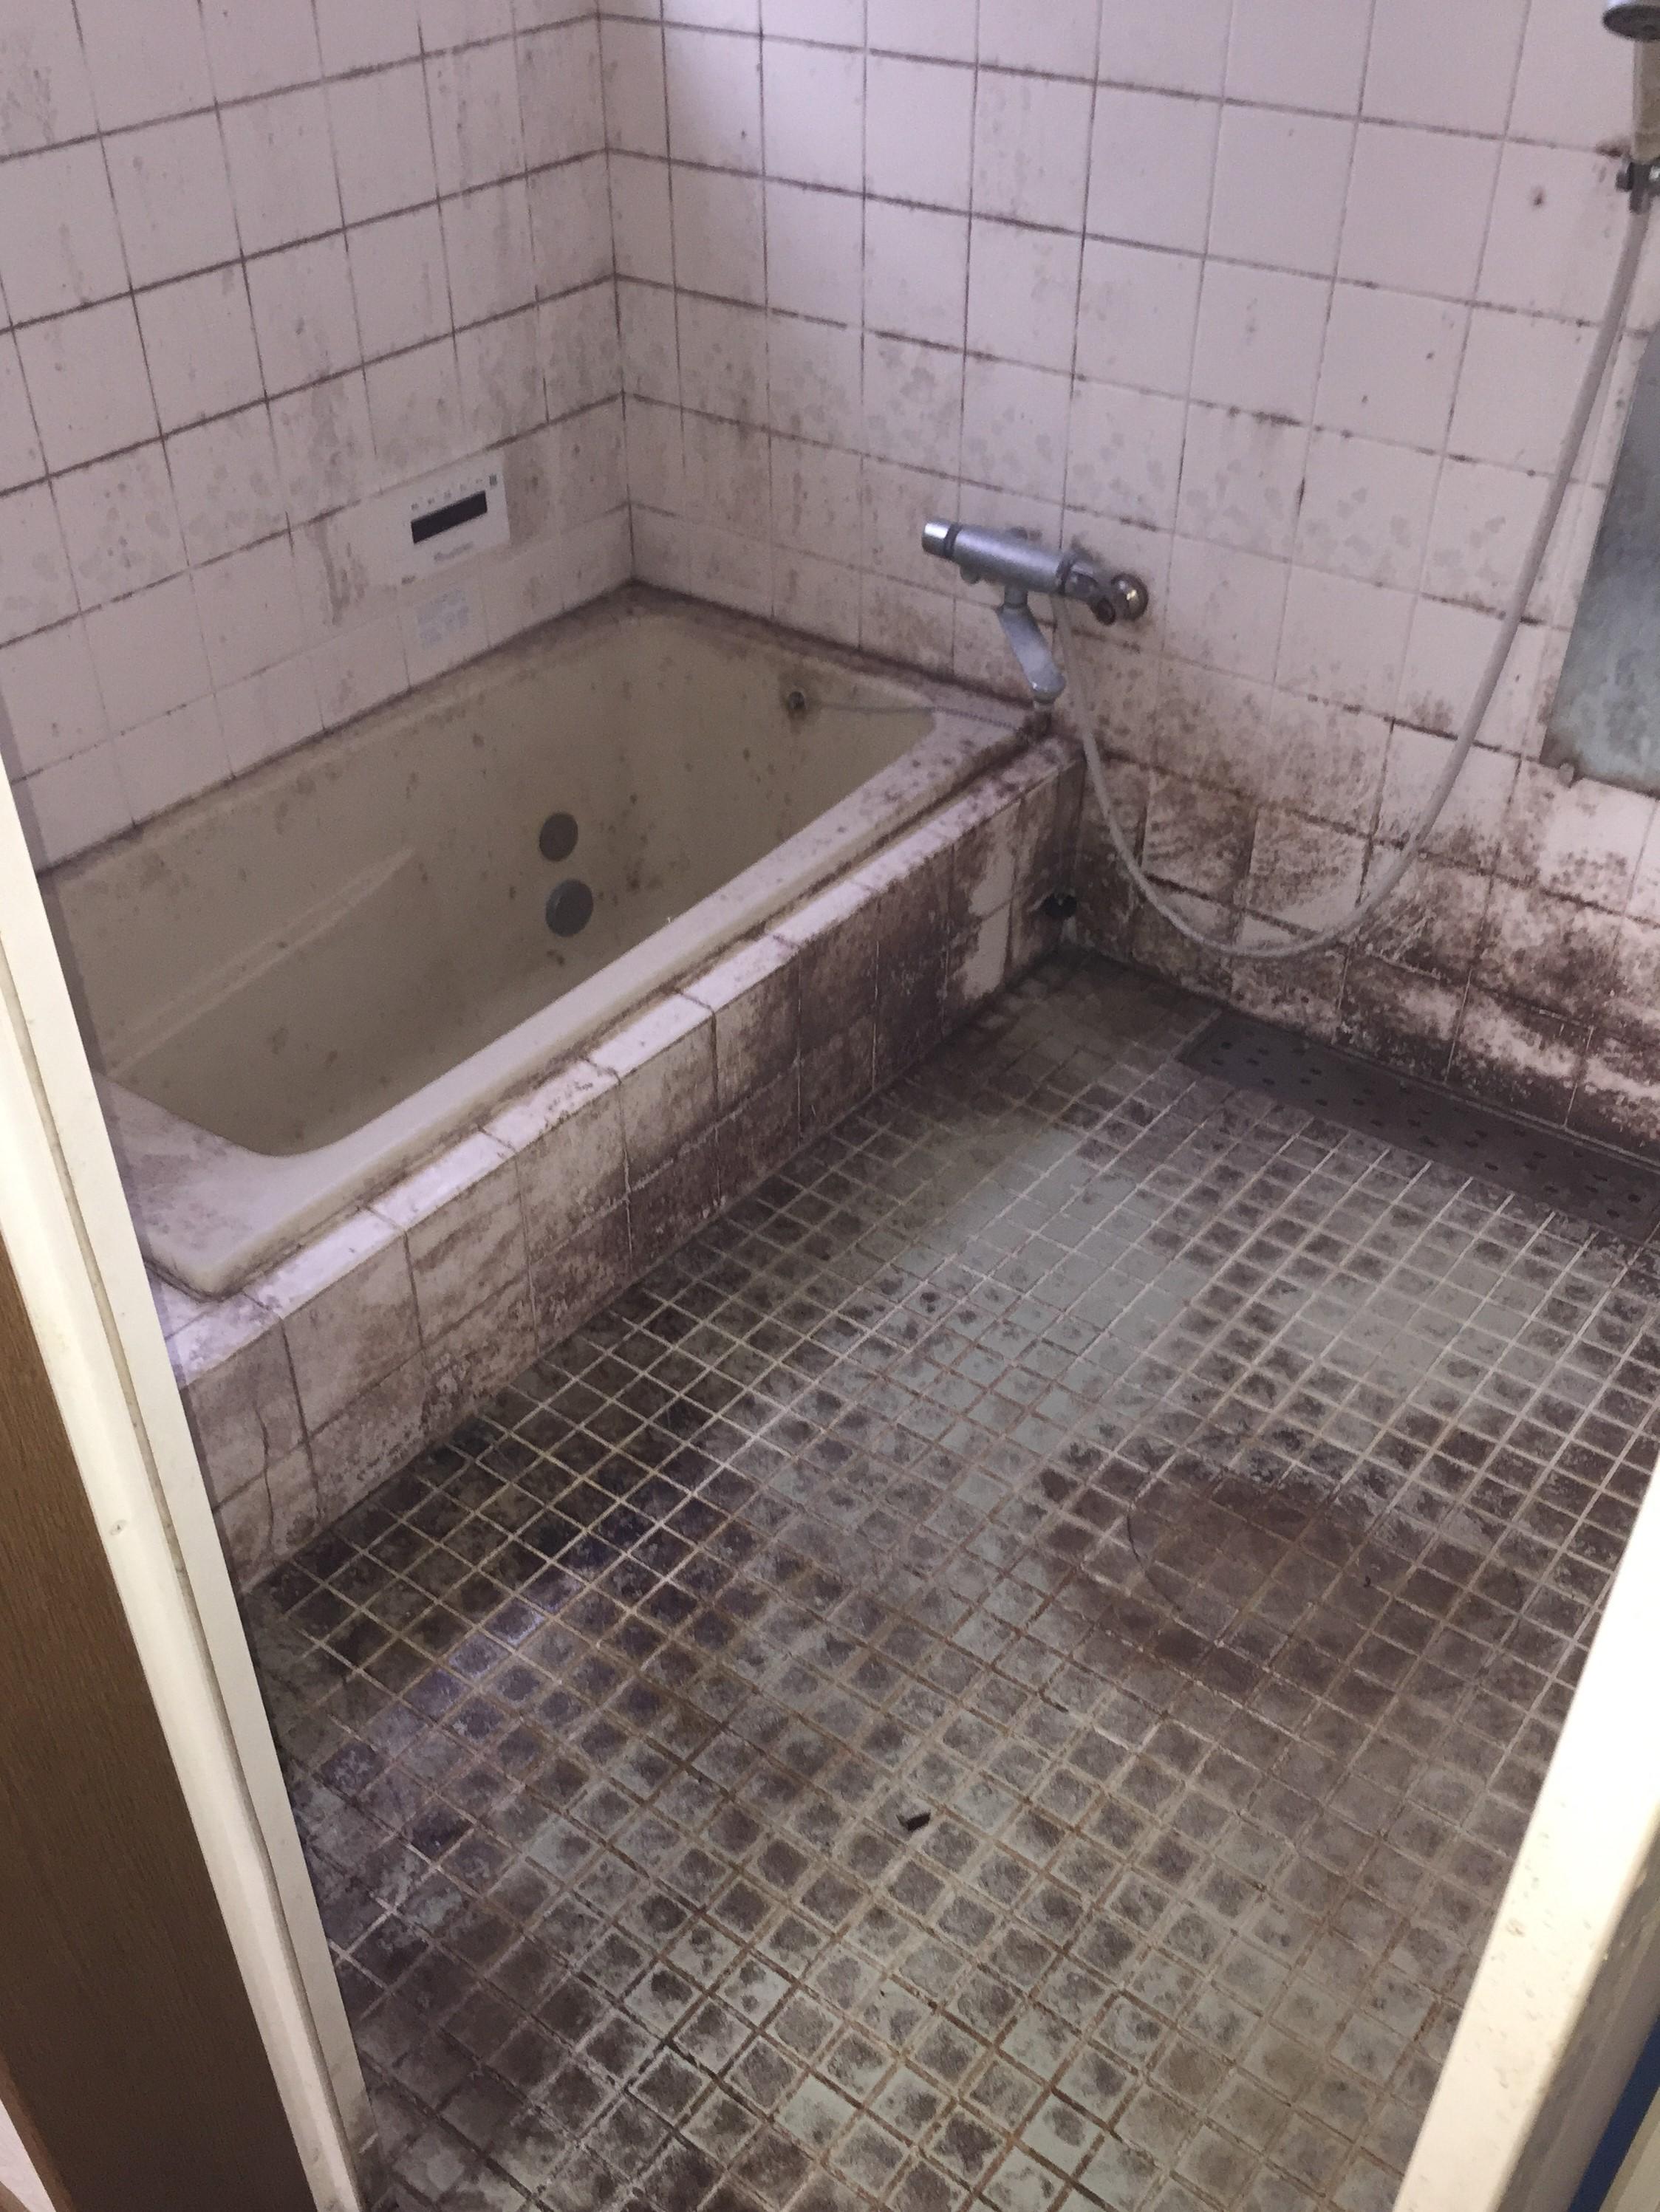 古くなった浴室が見違えるほど綺麗に!お風呂クリーニング!カビや水垢等のしつこい汚れを徹底洗浄し、浴槽から壁・床・扉などをピカピカに!ふだん手の回らない天井、扉、シャワーヘッド等すみずみまでお掃除します。